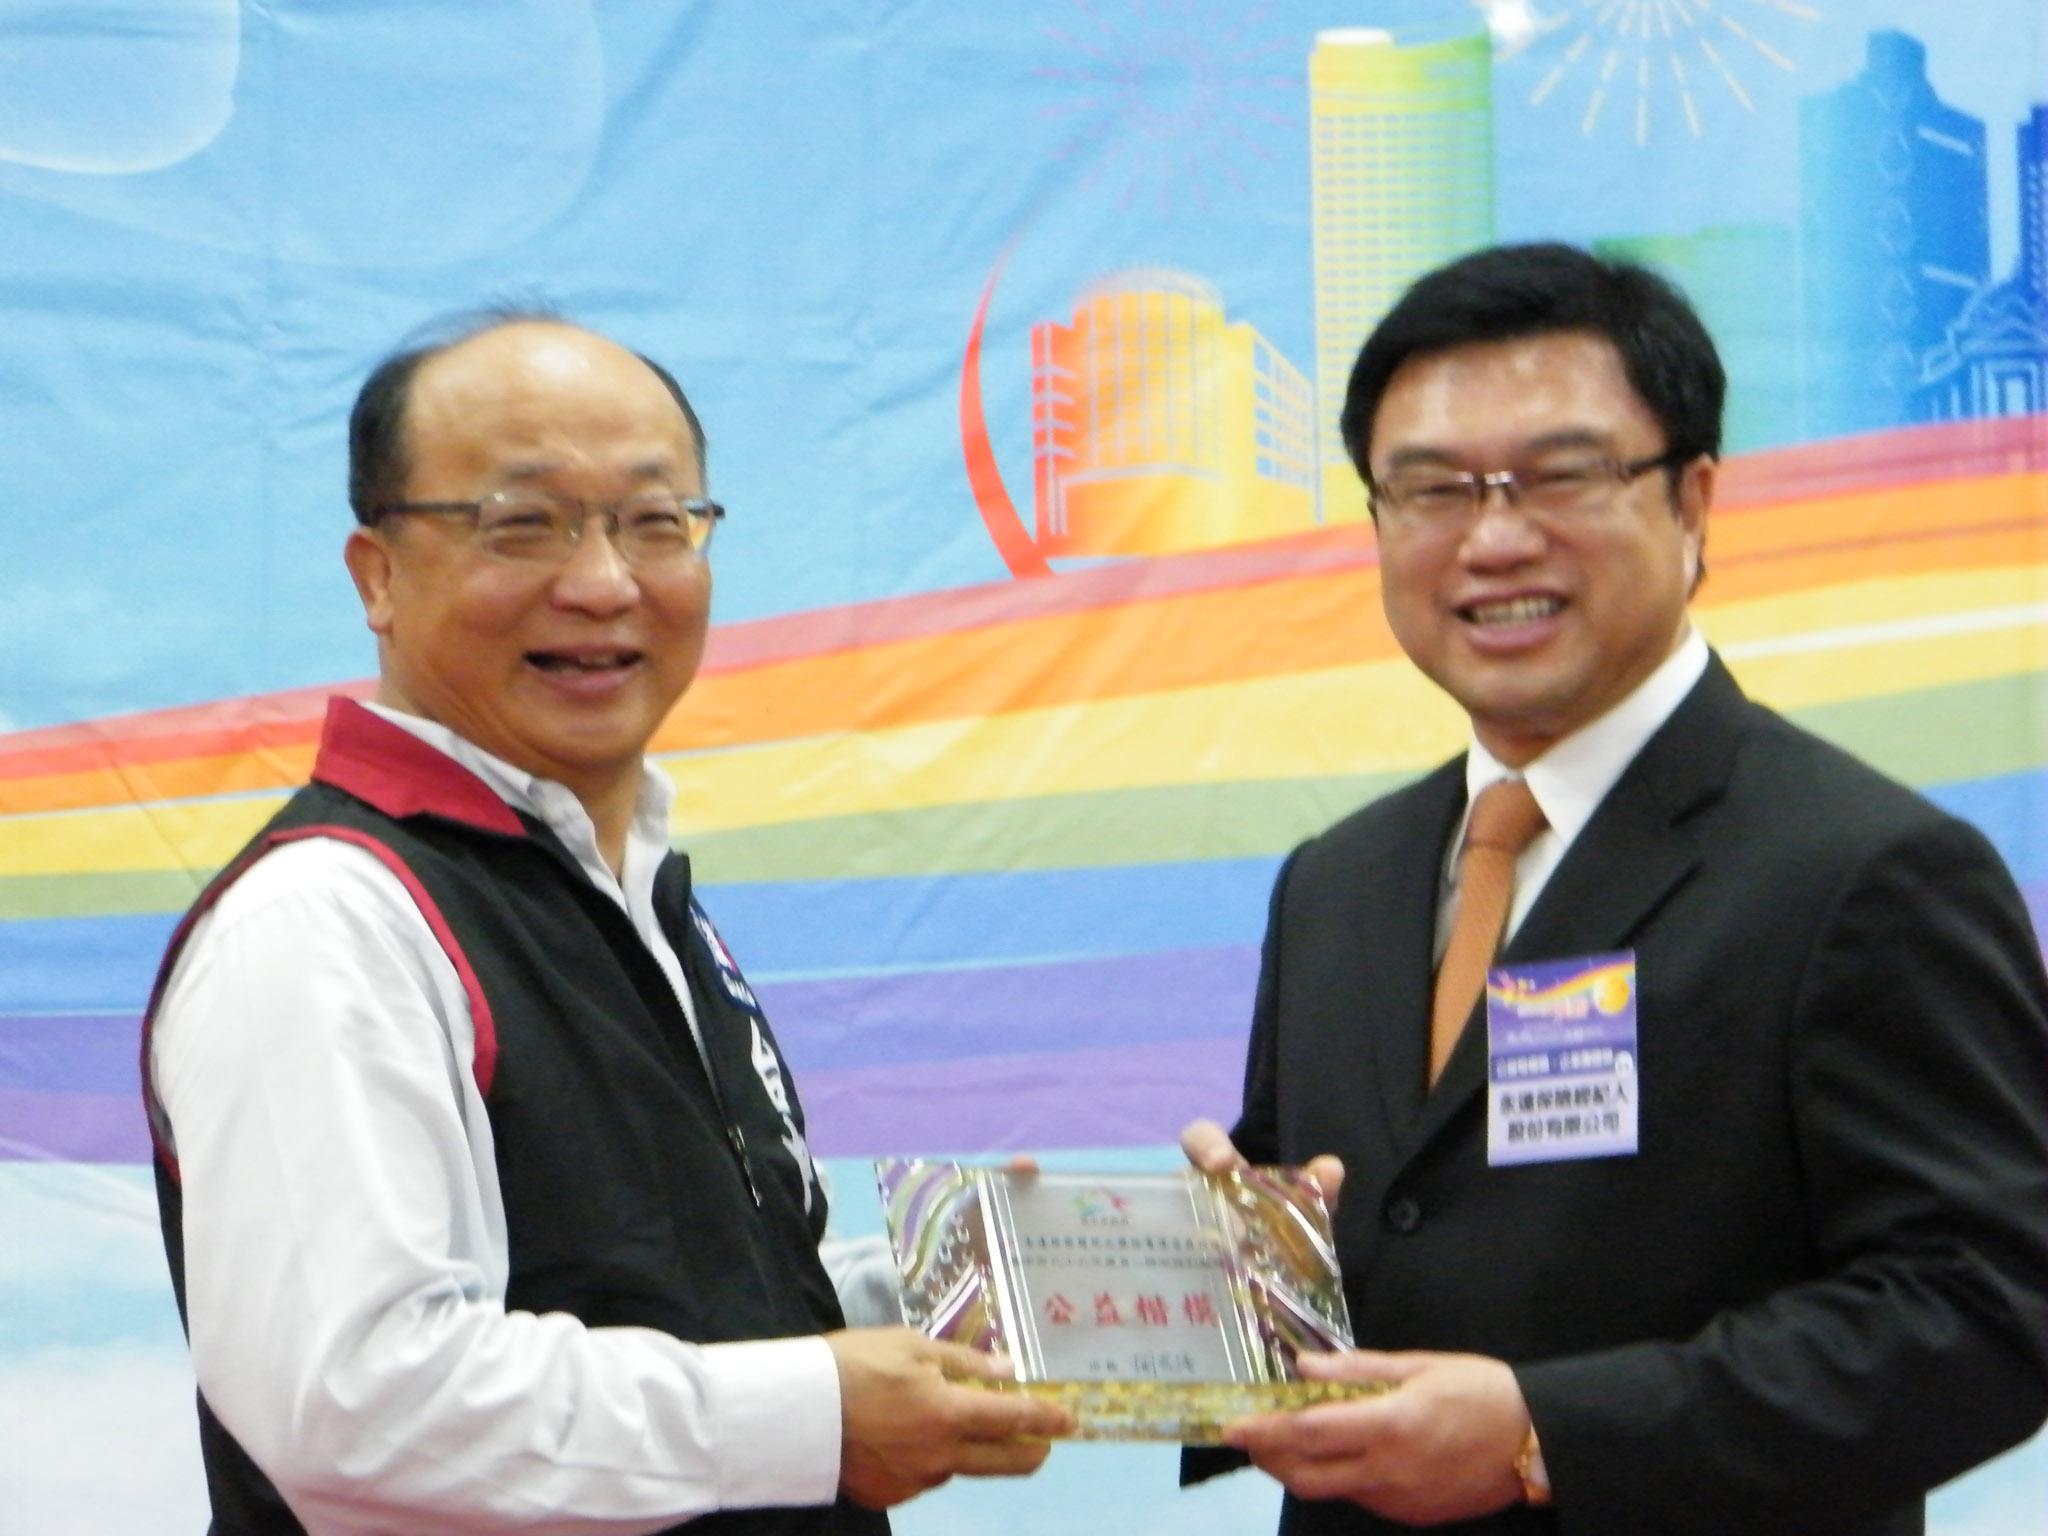 台中市長胡志強(左二)與永達保經吳文永董事長(右二)及永達協理合影留念。